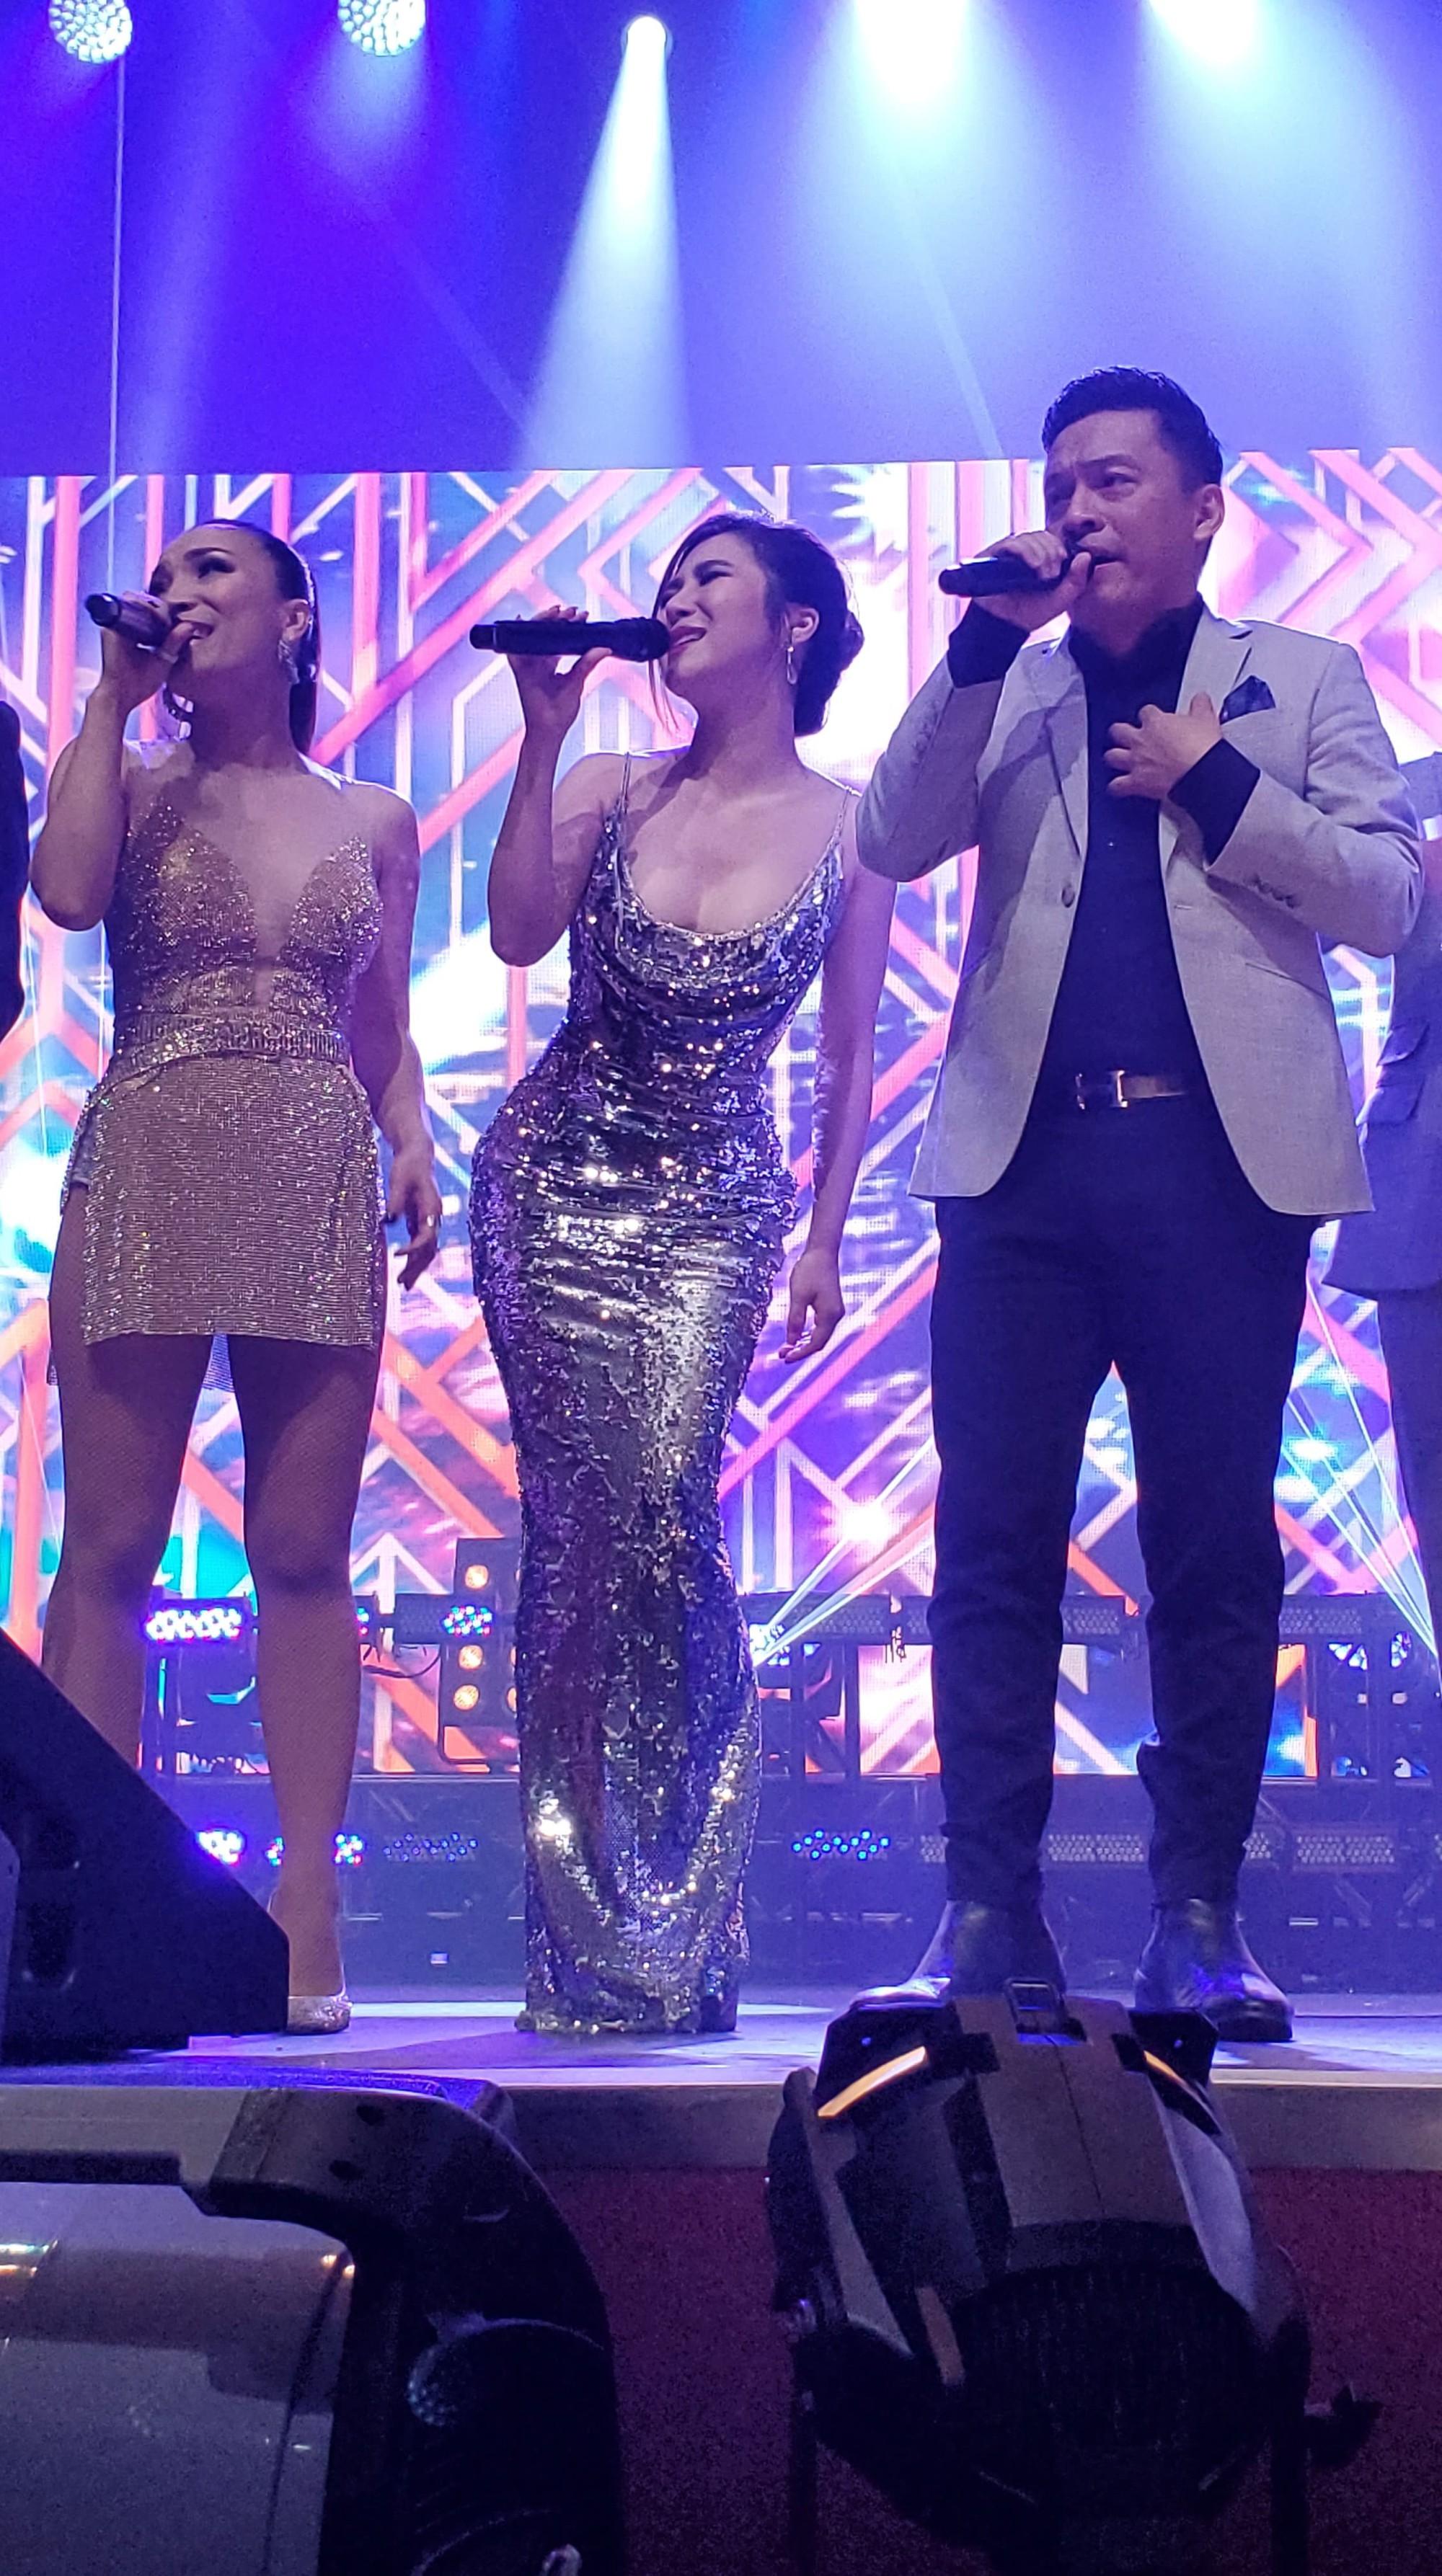 Hương Tràm nhận show hát ở Mỹ nhưng chiếc váy tuyệt đẹp cô mặc lại khiến người nhiều bất ngờ  - Ảnh 2.